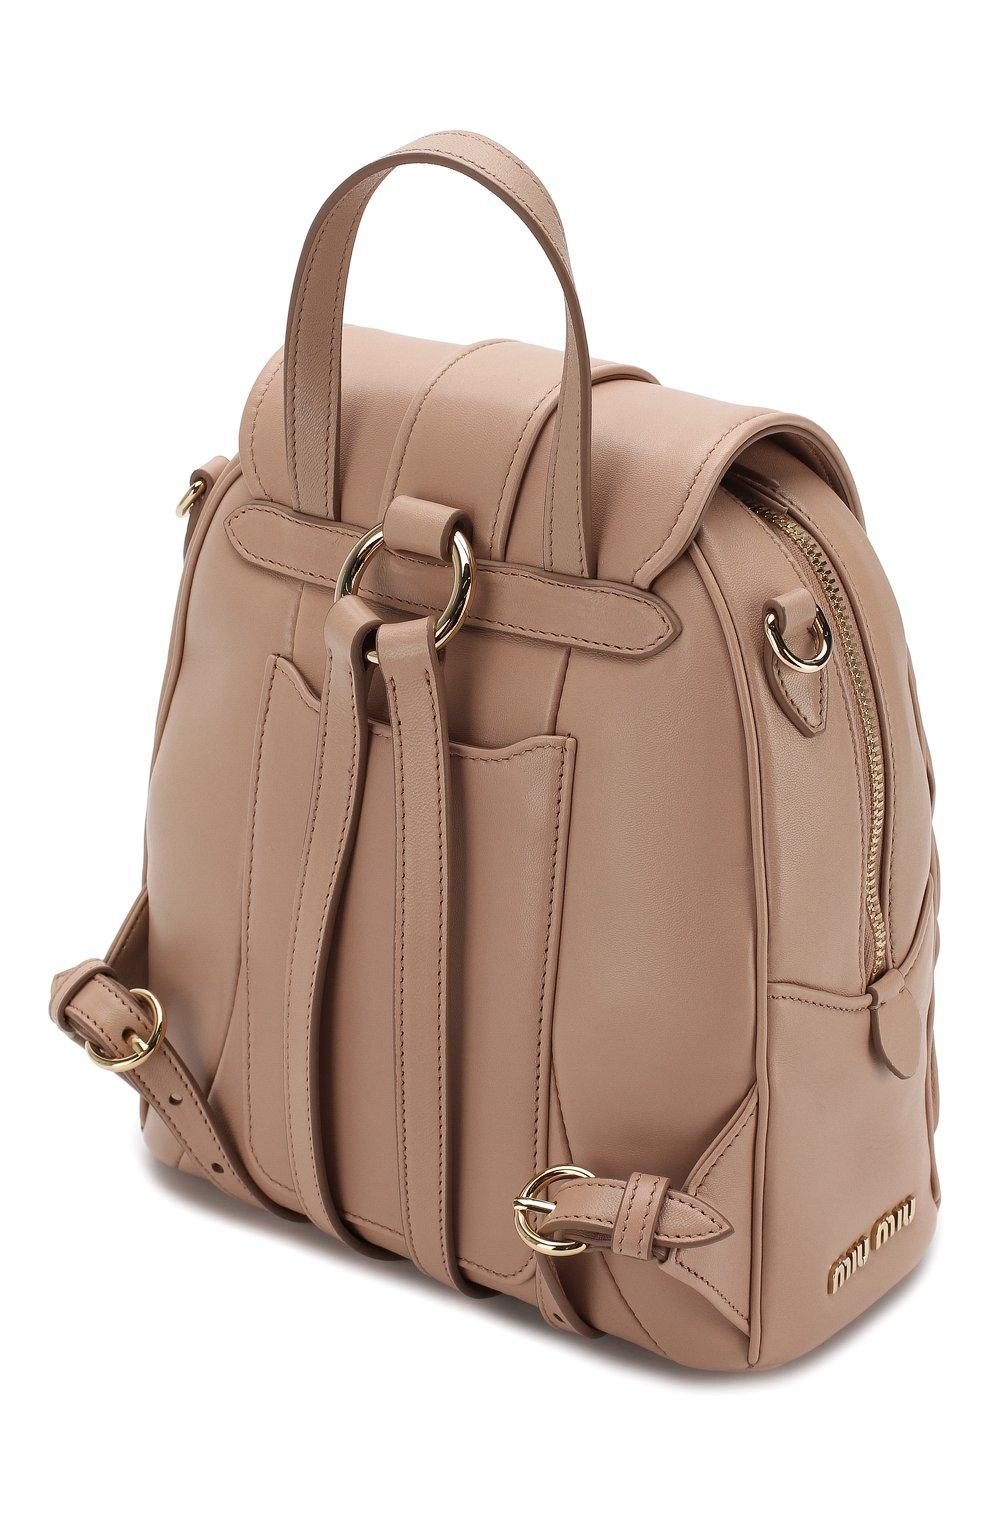 Женский рюкзак из кожи MIU MIU бежевого цвета, арт. 5BZ026-N88-F0770-OOO | Фото 3